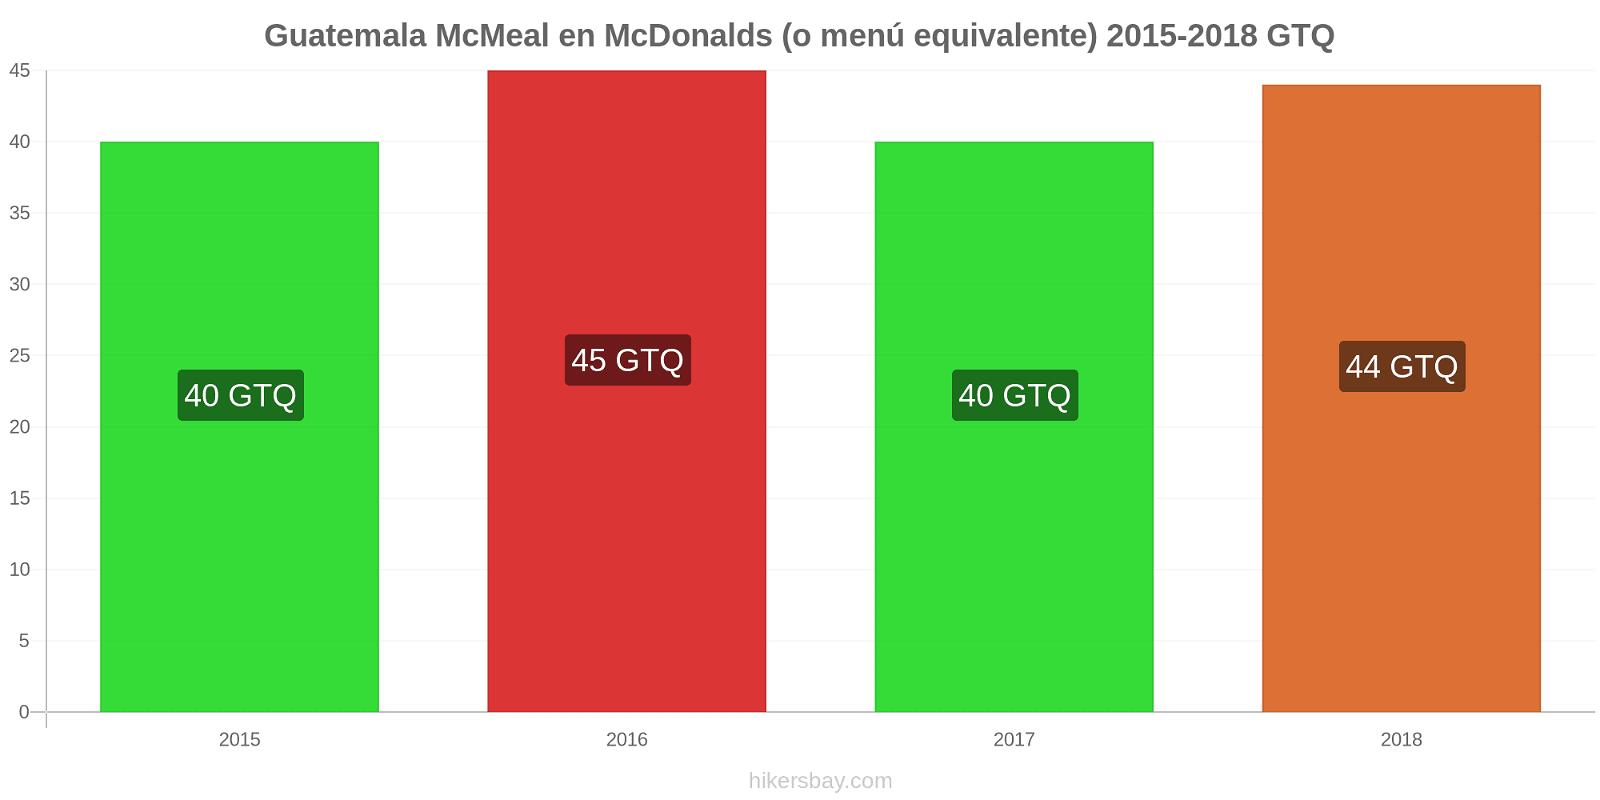 Guatemala cambios de precios McMeal en McDonalds (o menú equivalente) hikersbay.com